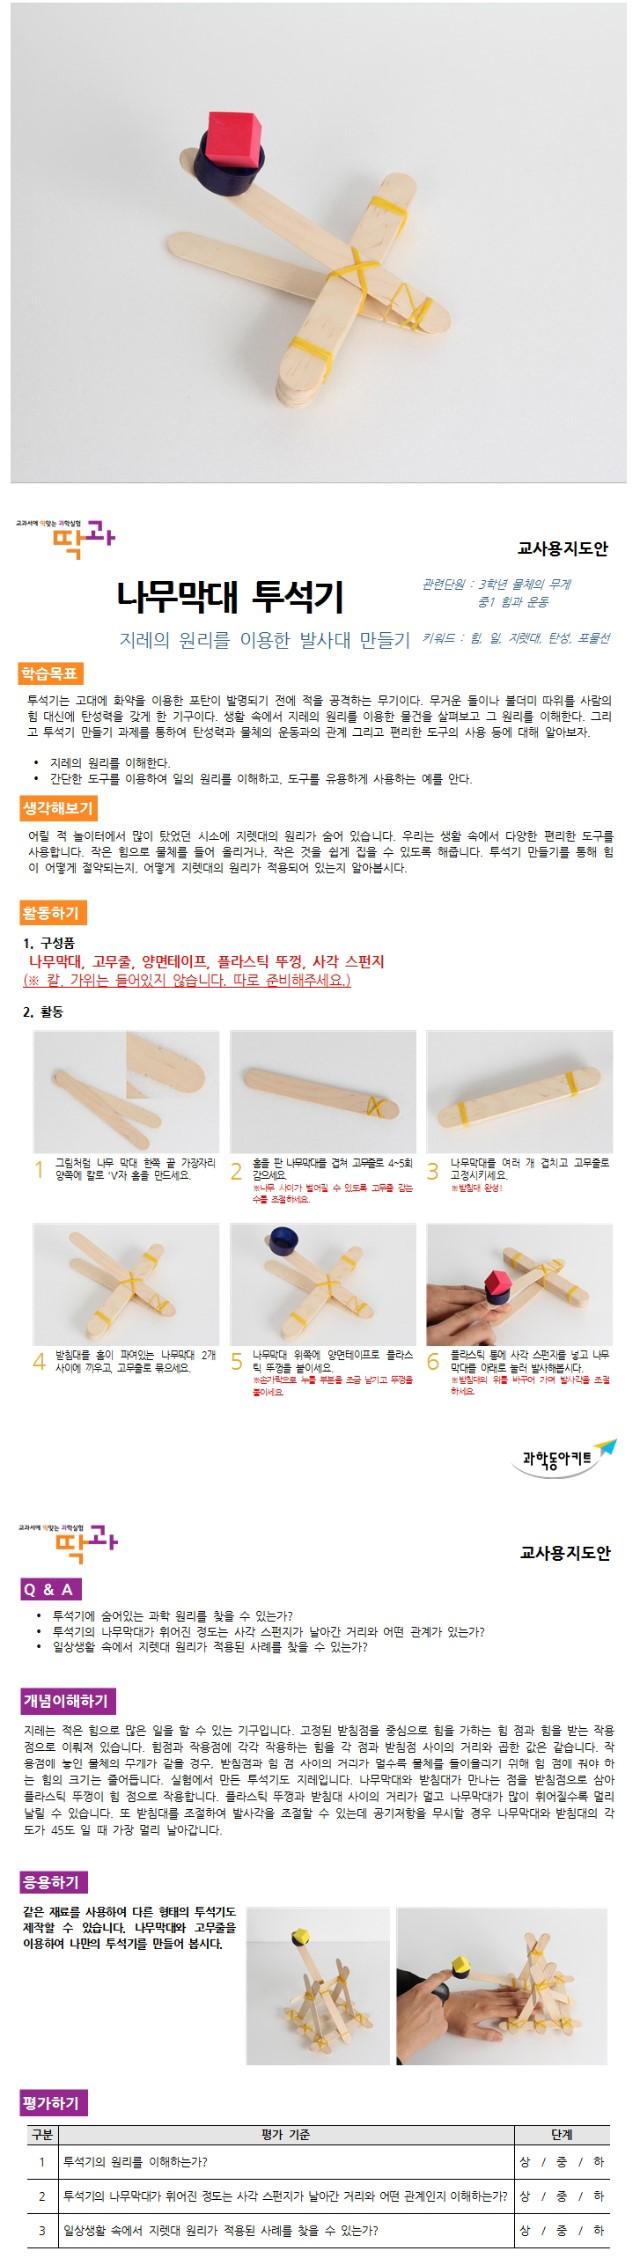 나무막대투석기.jpg